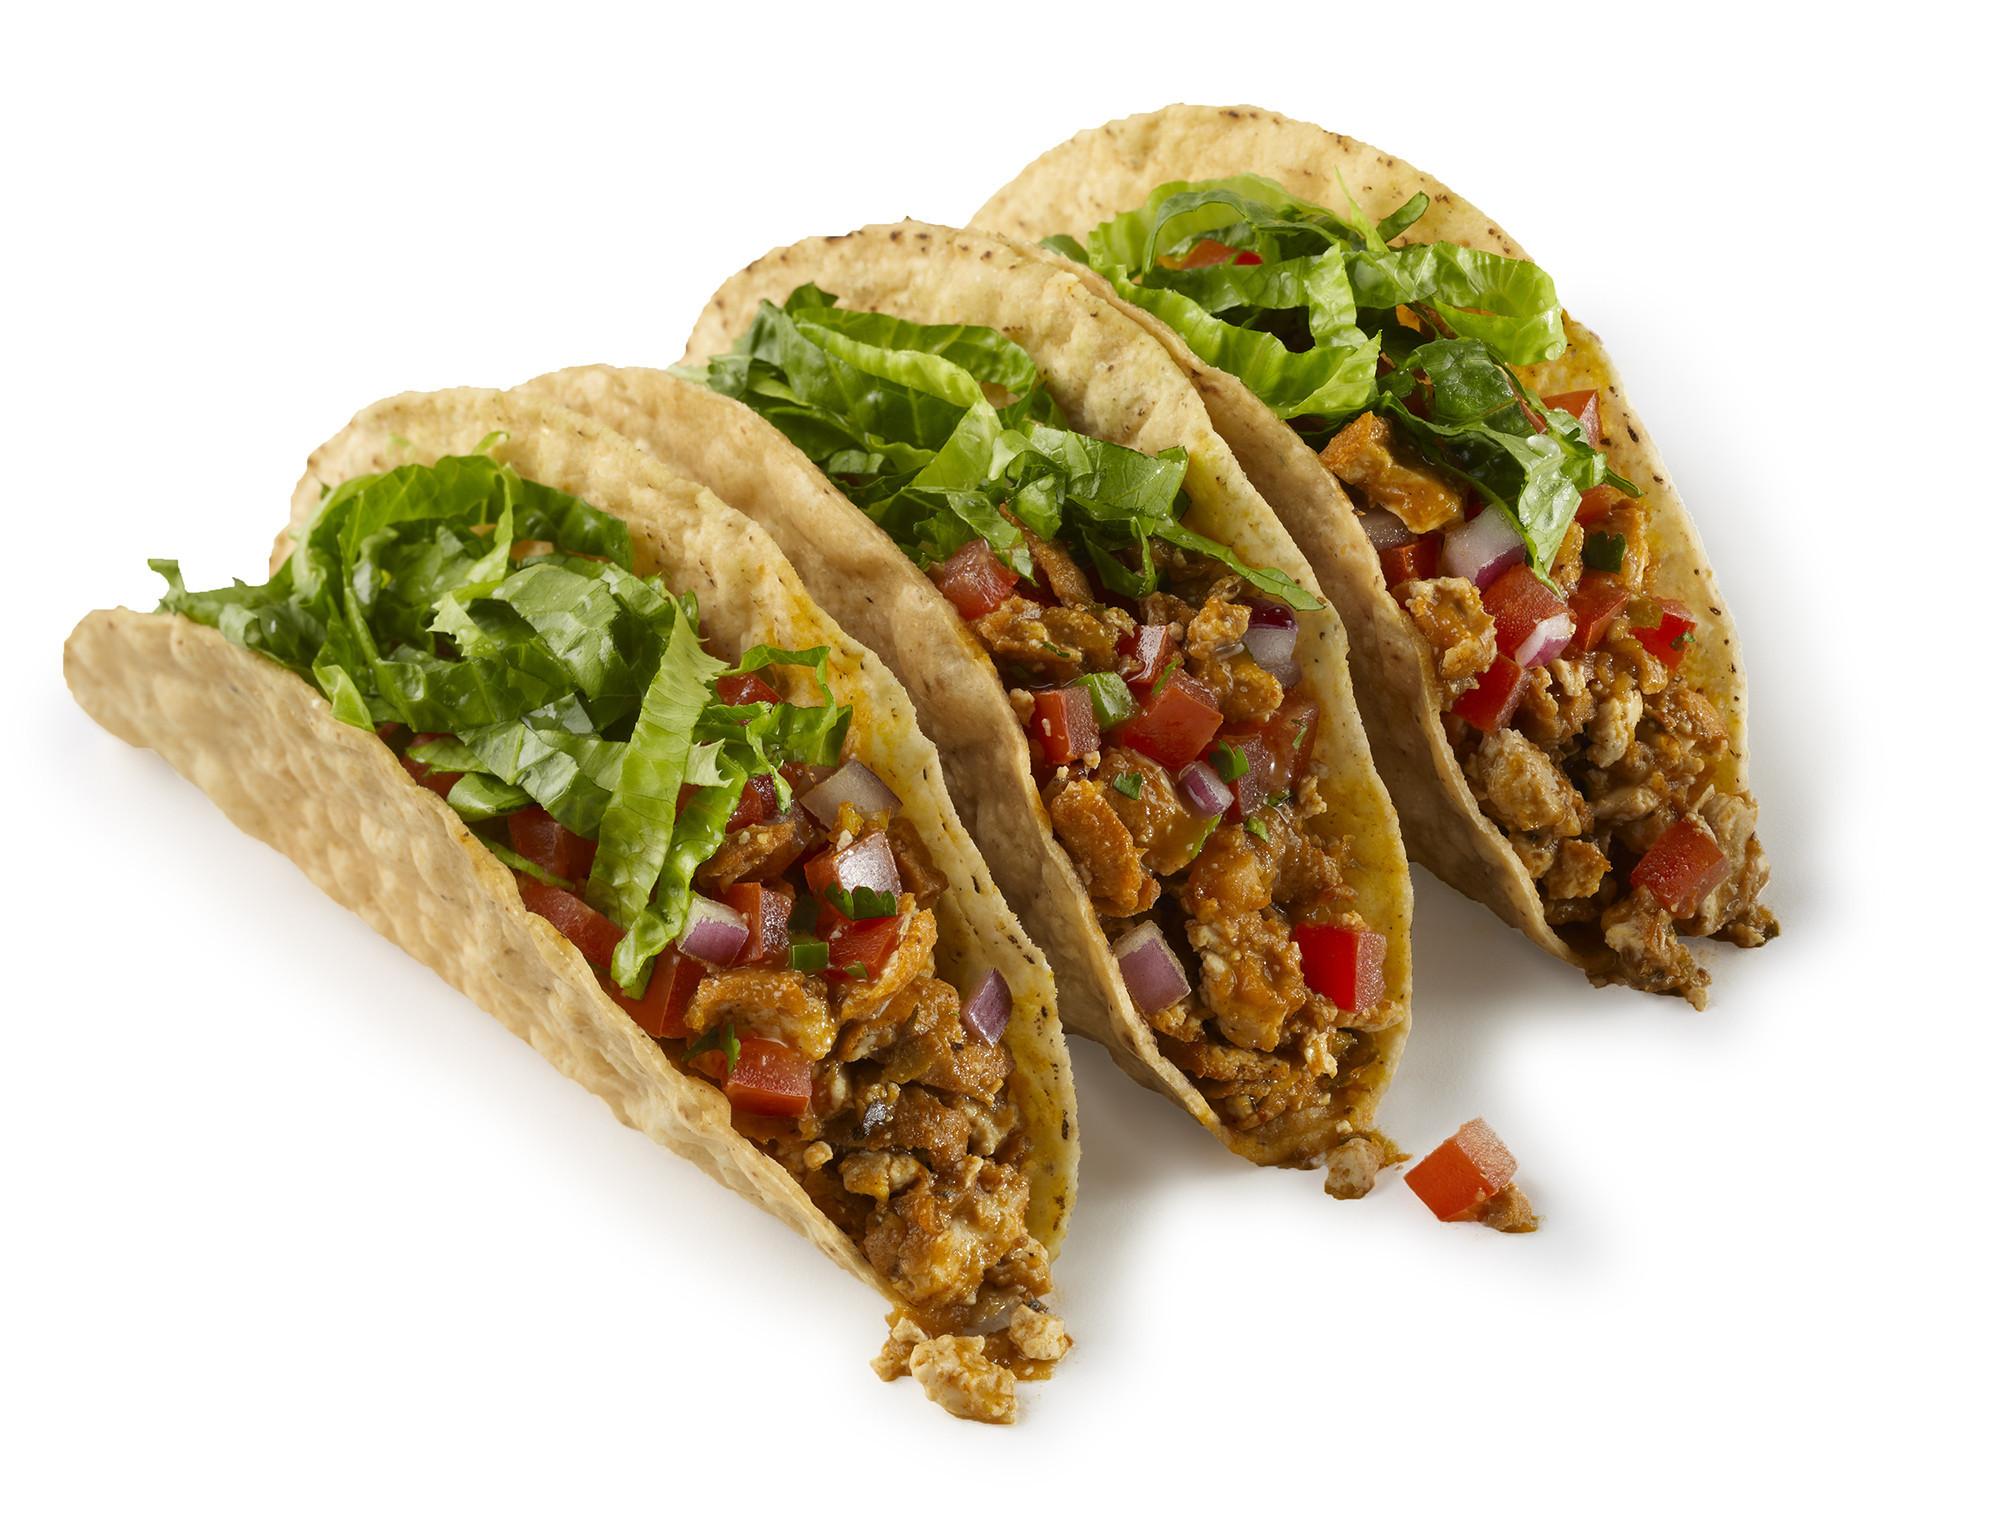 Vegan Food Options Fast Food